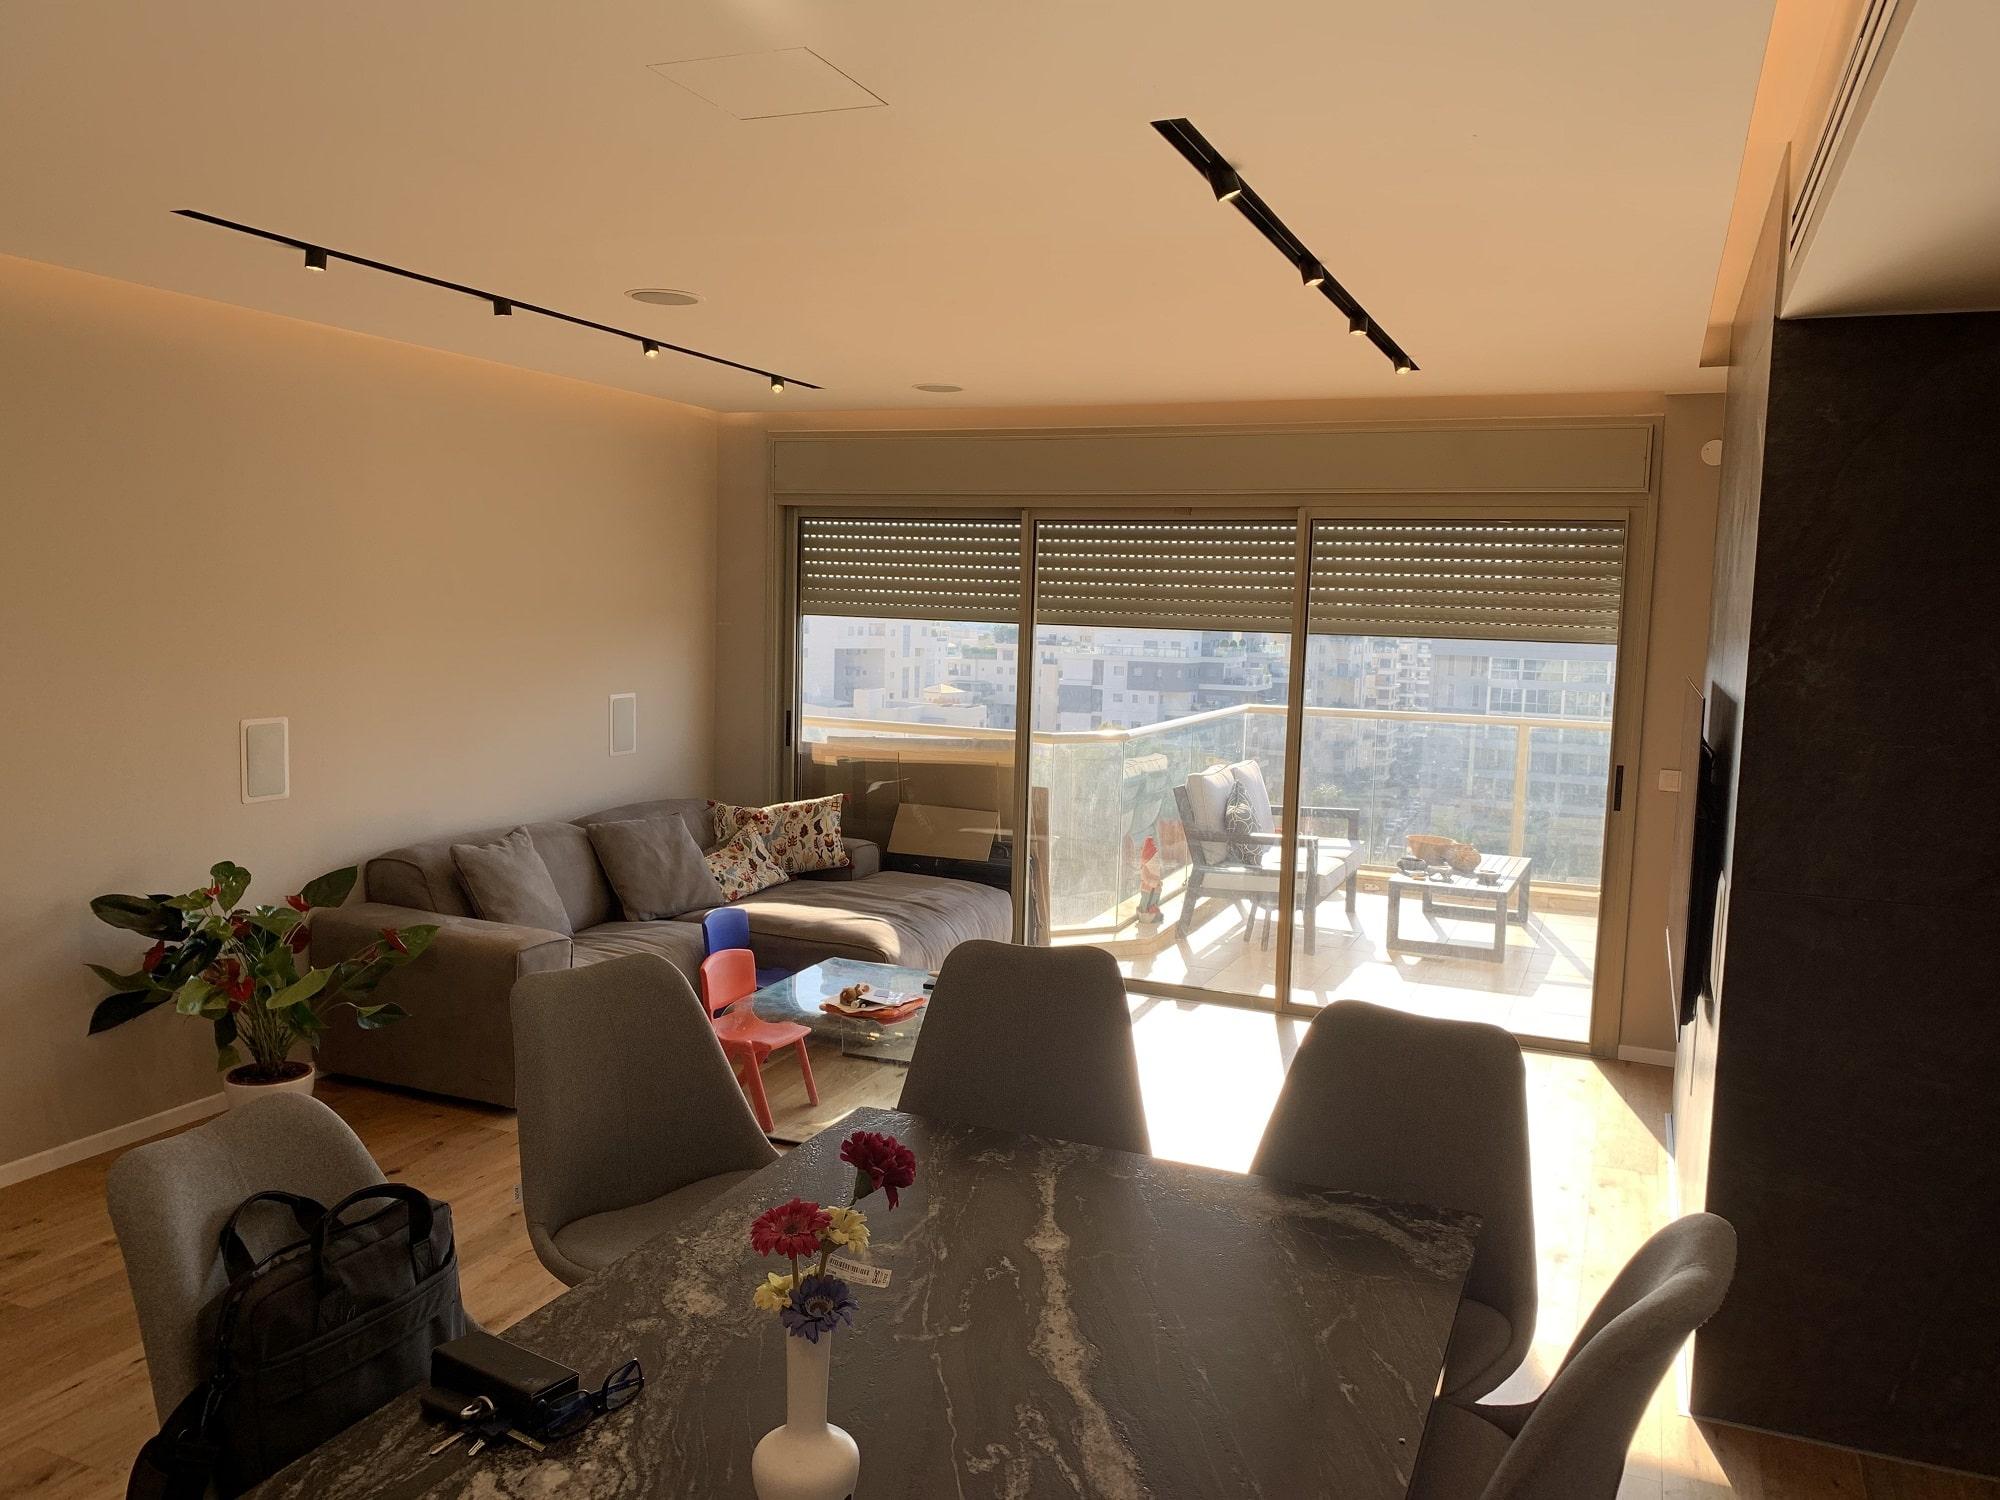 הצעת מחיר לשיפוץ דירה 5 חדרים מפורטת